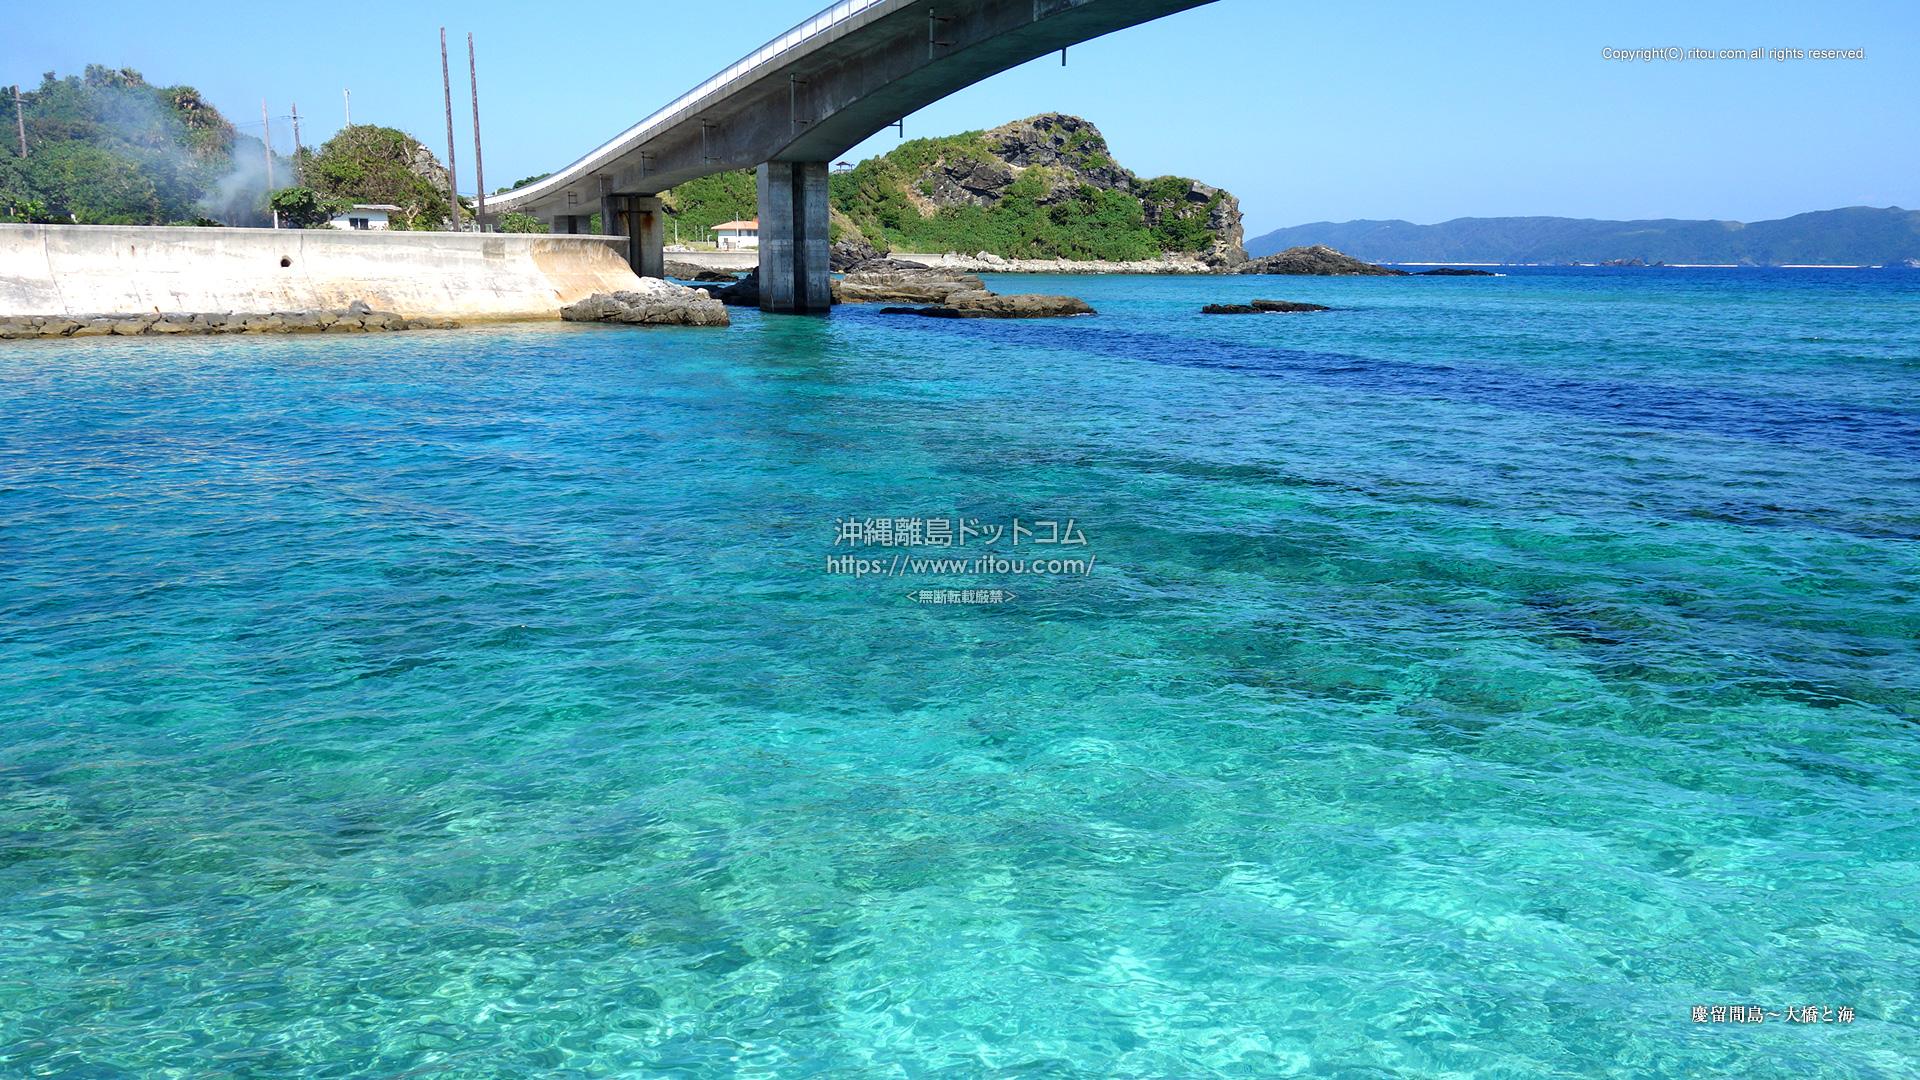 慶留間島〜大橋と海